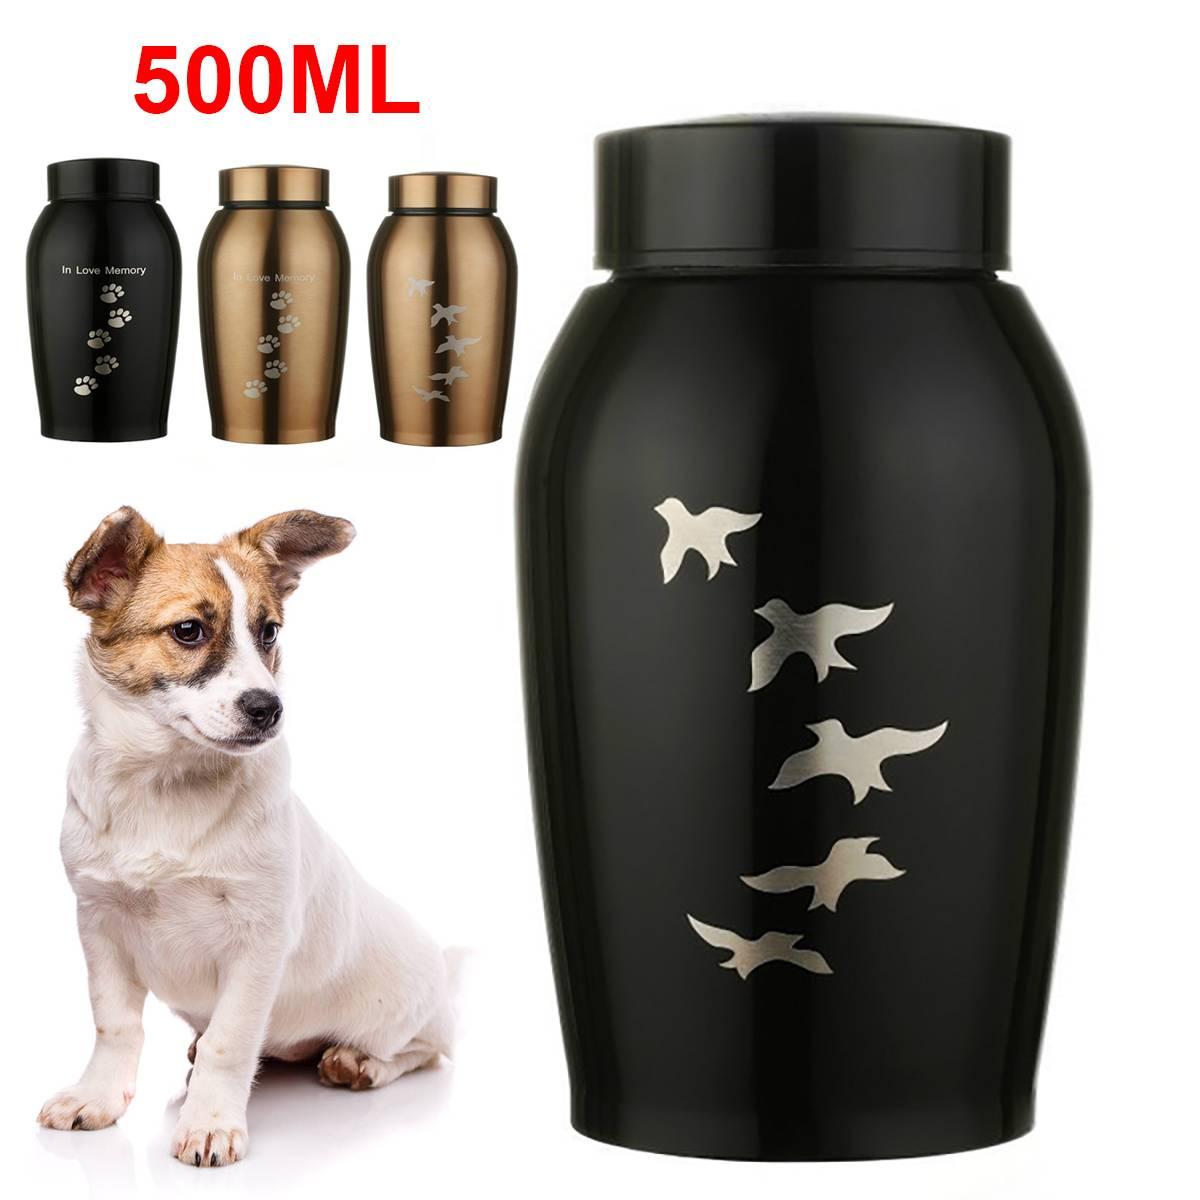 Or/noir acier inoxydable urnes animaux de compagnie chien chat oiseaux souris crémation cendres urne souvenir cercueil Columbarium animaux mémoriaux